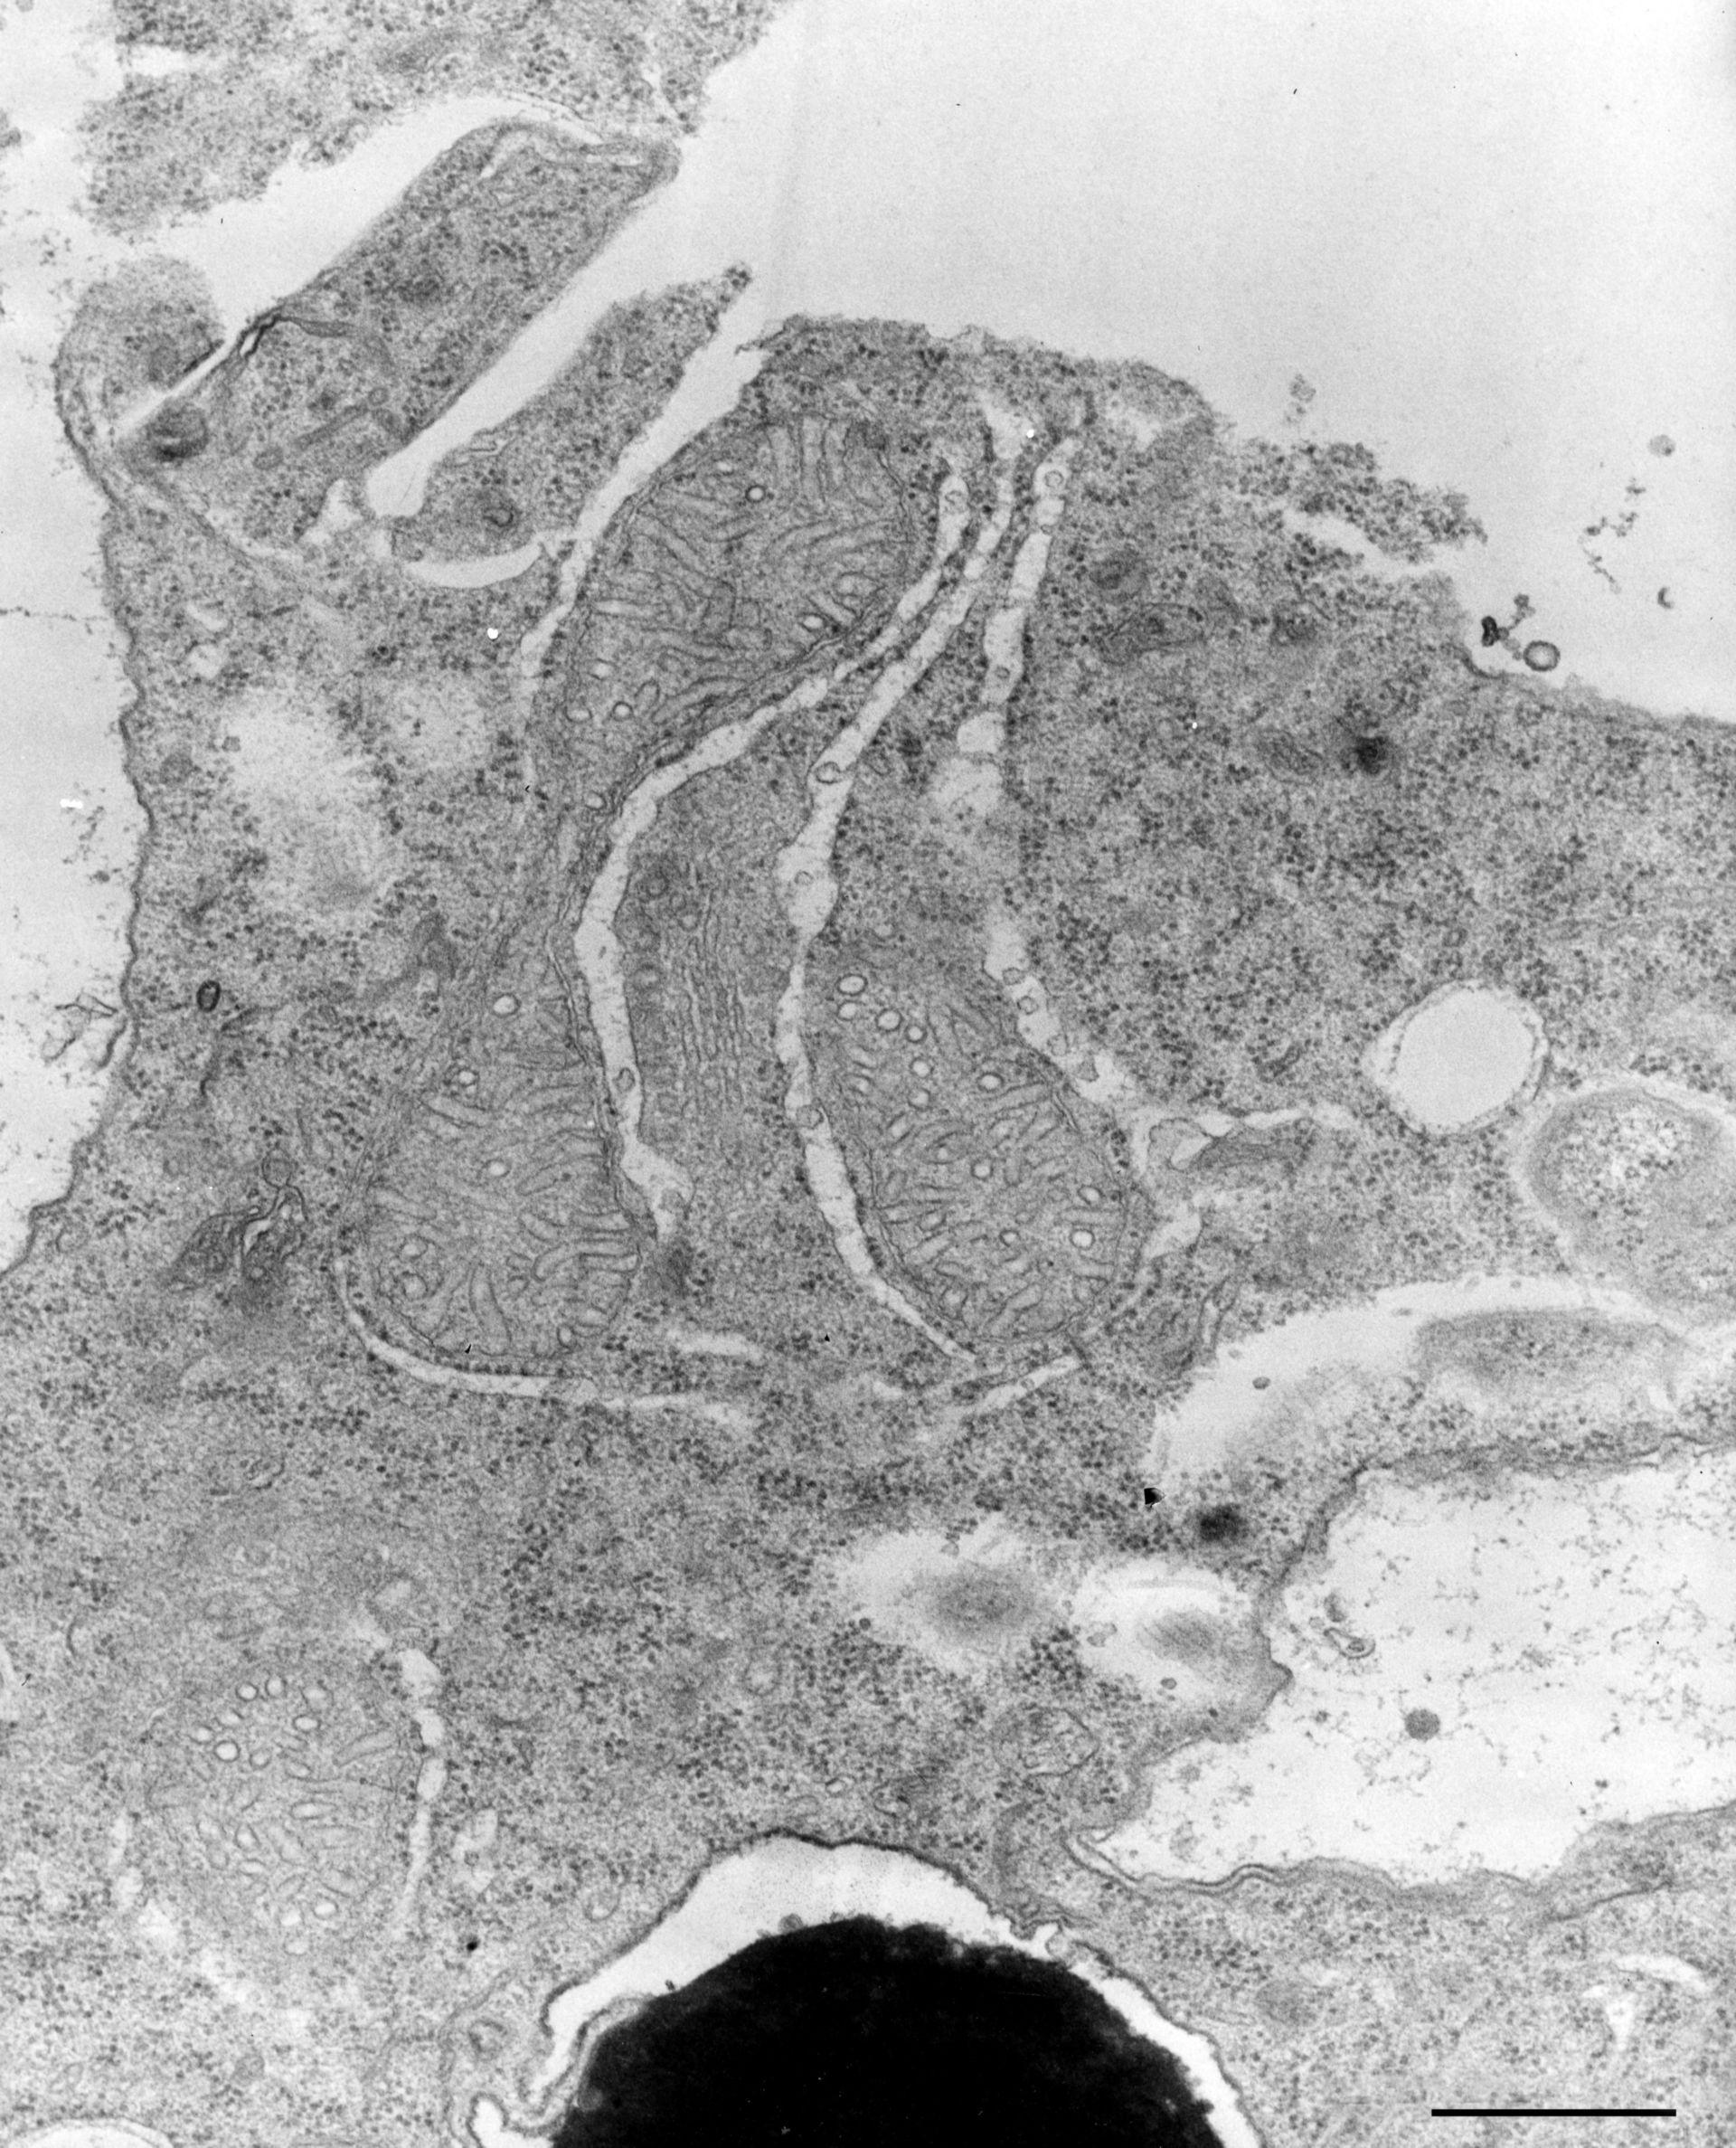 Nassula (Endoplasmic reticulum) - CIL:12306